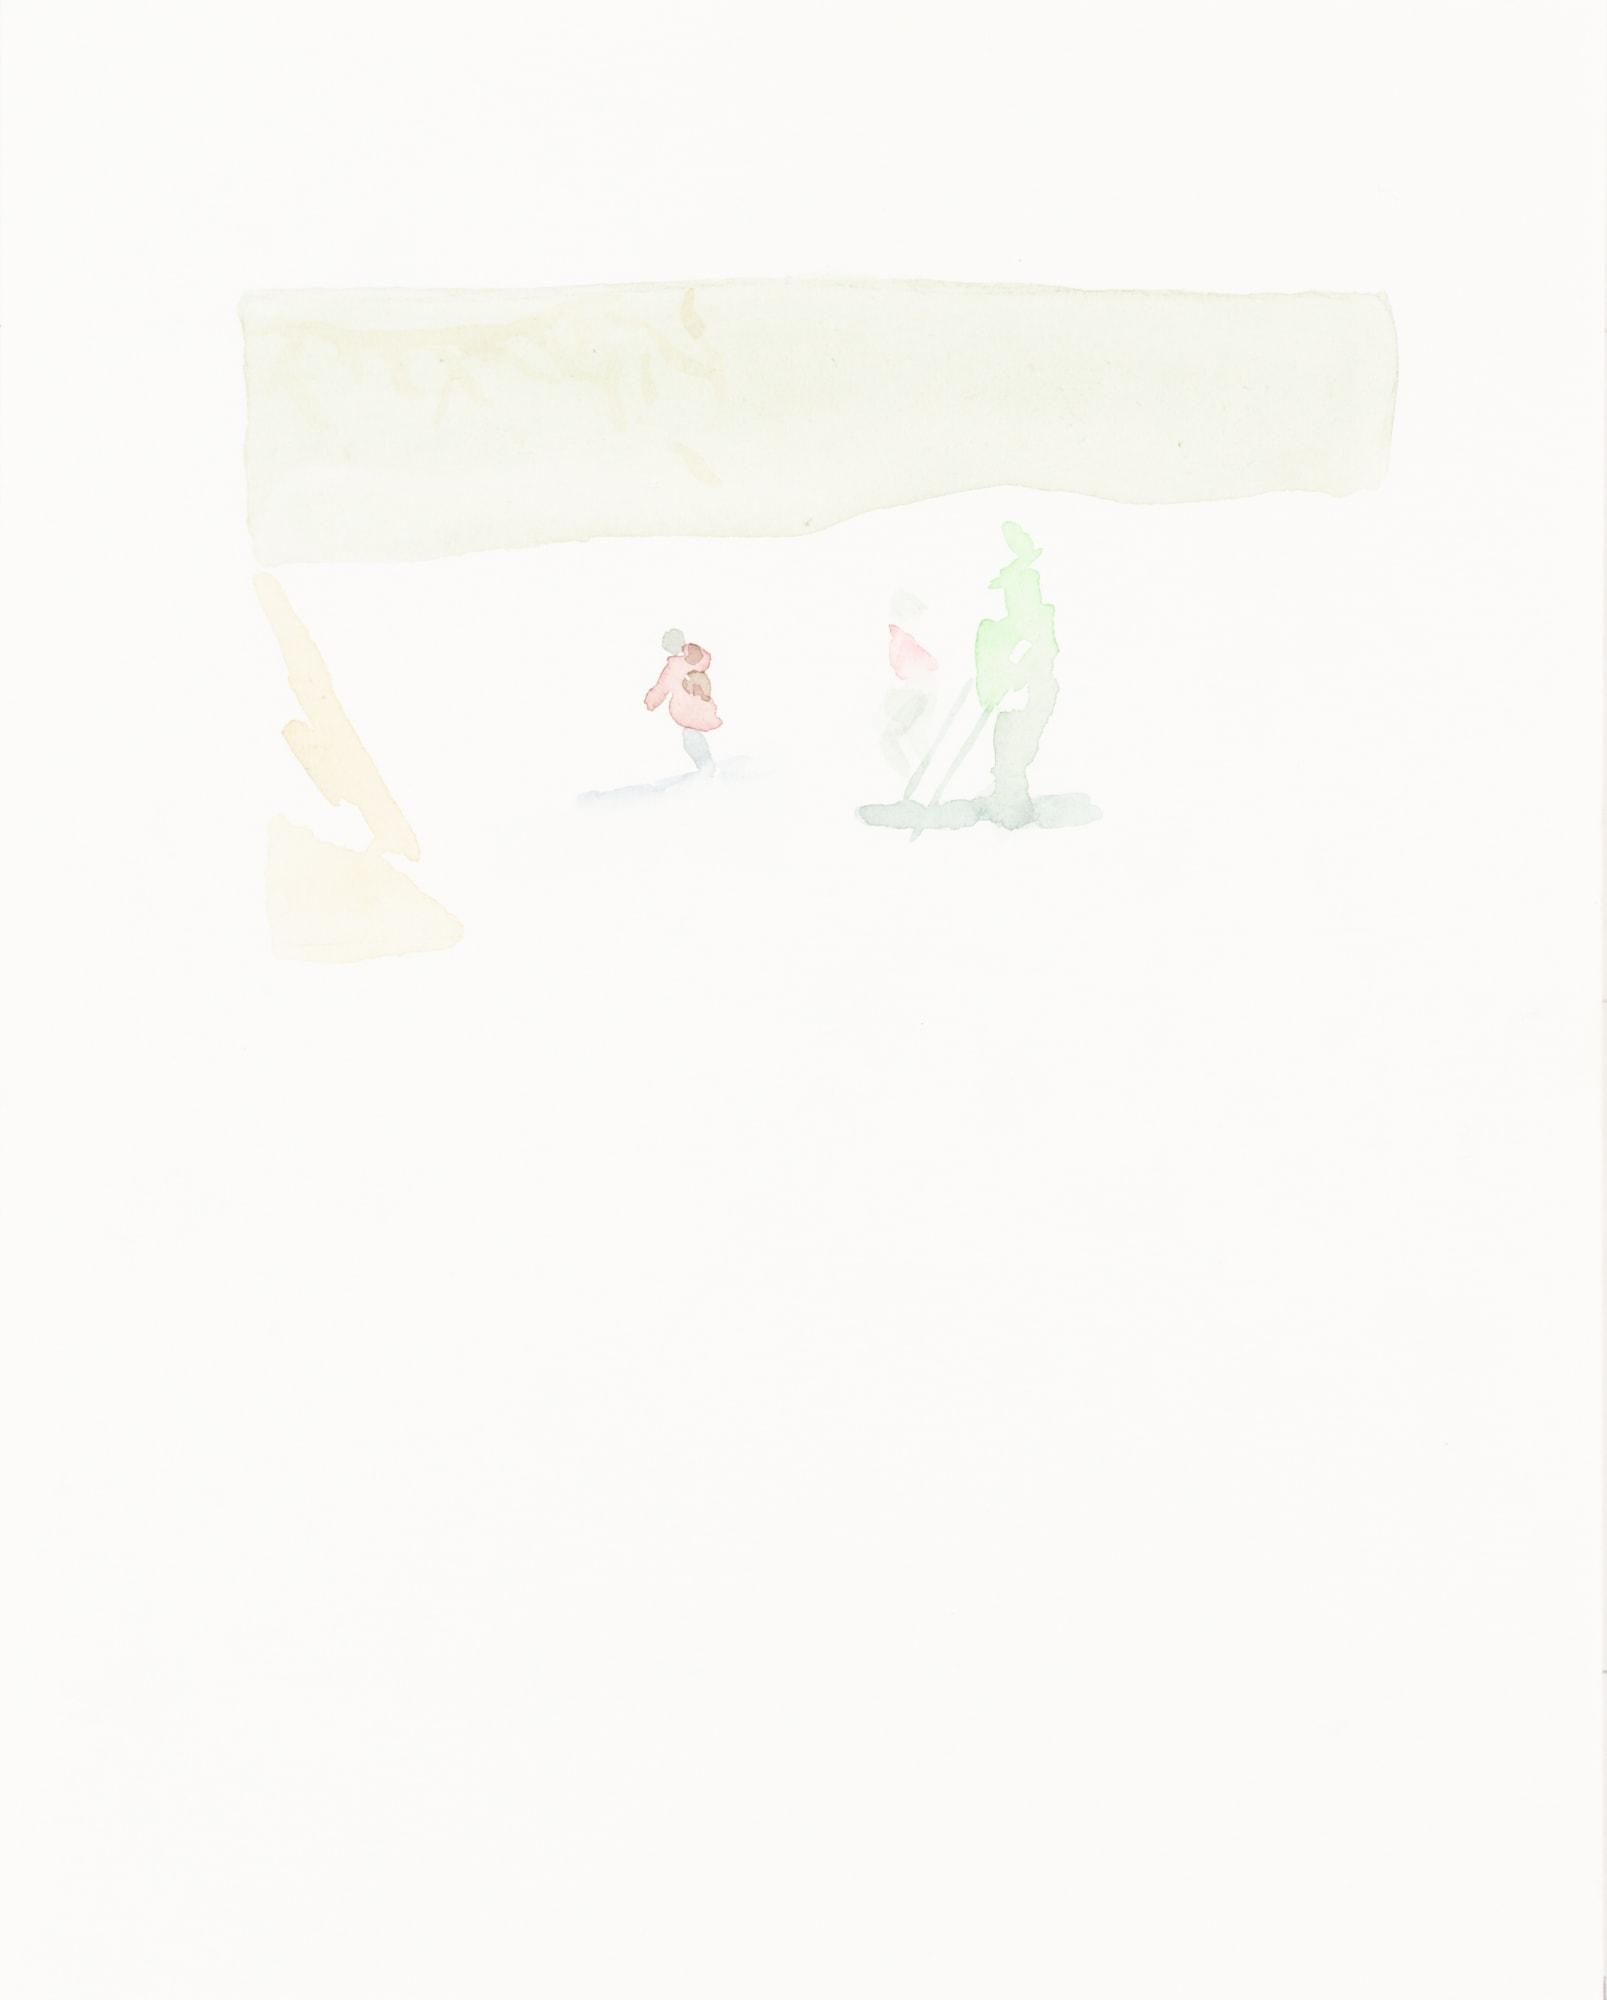 Zeichnung, Aquarell auf Papier, 24x30cm, abstrakt, Künstlerin: Franziska King